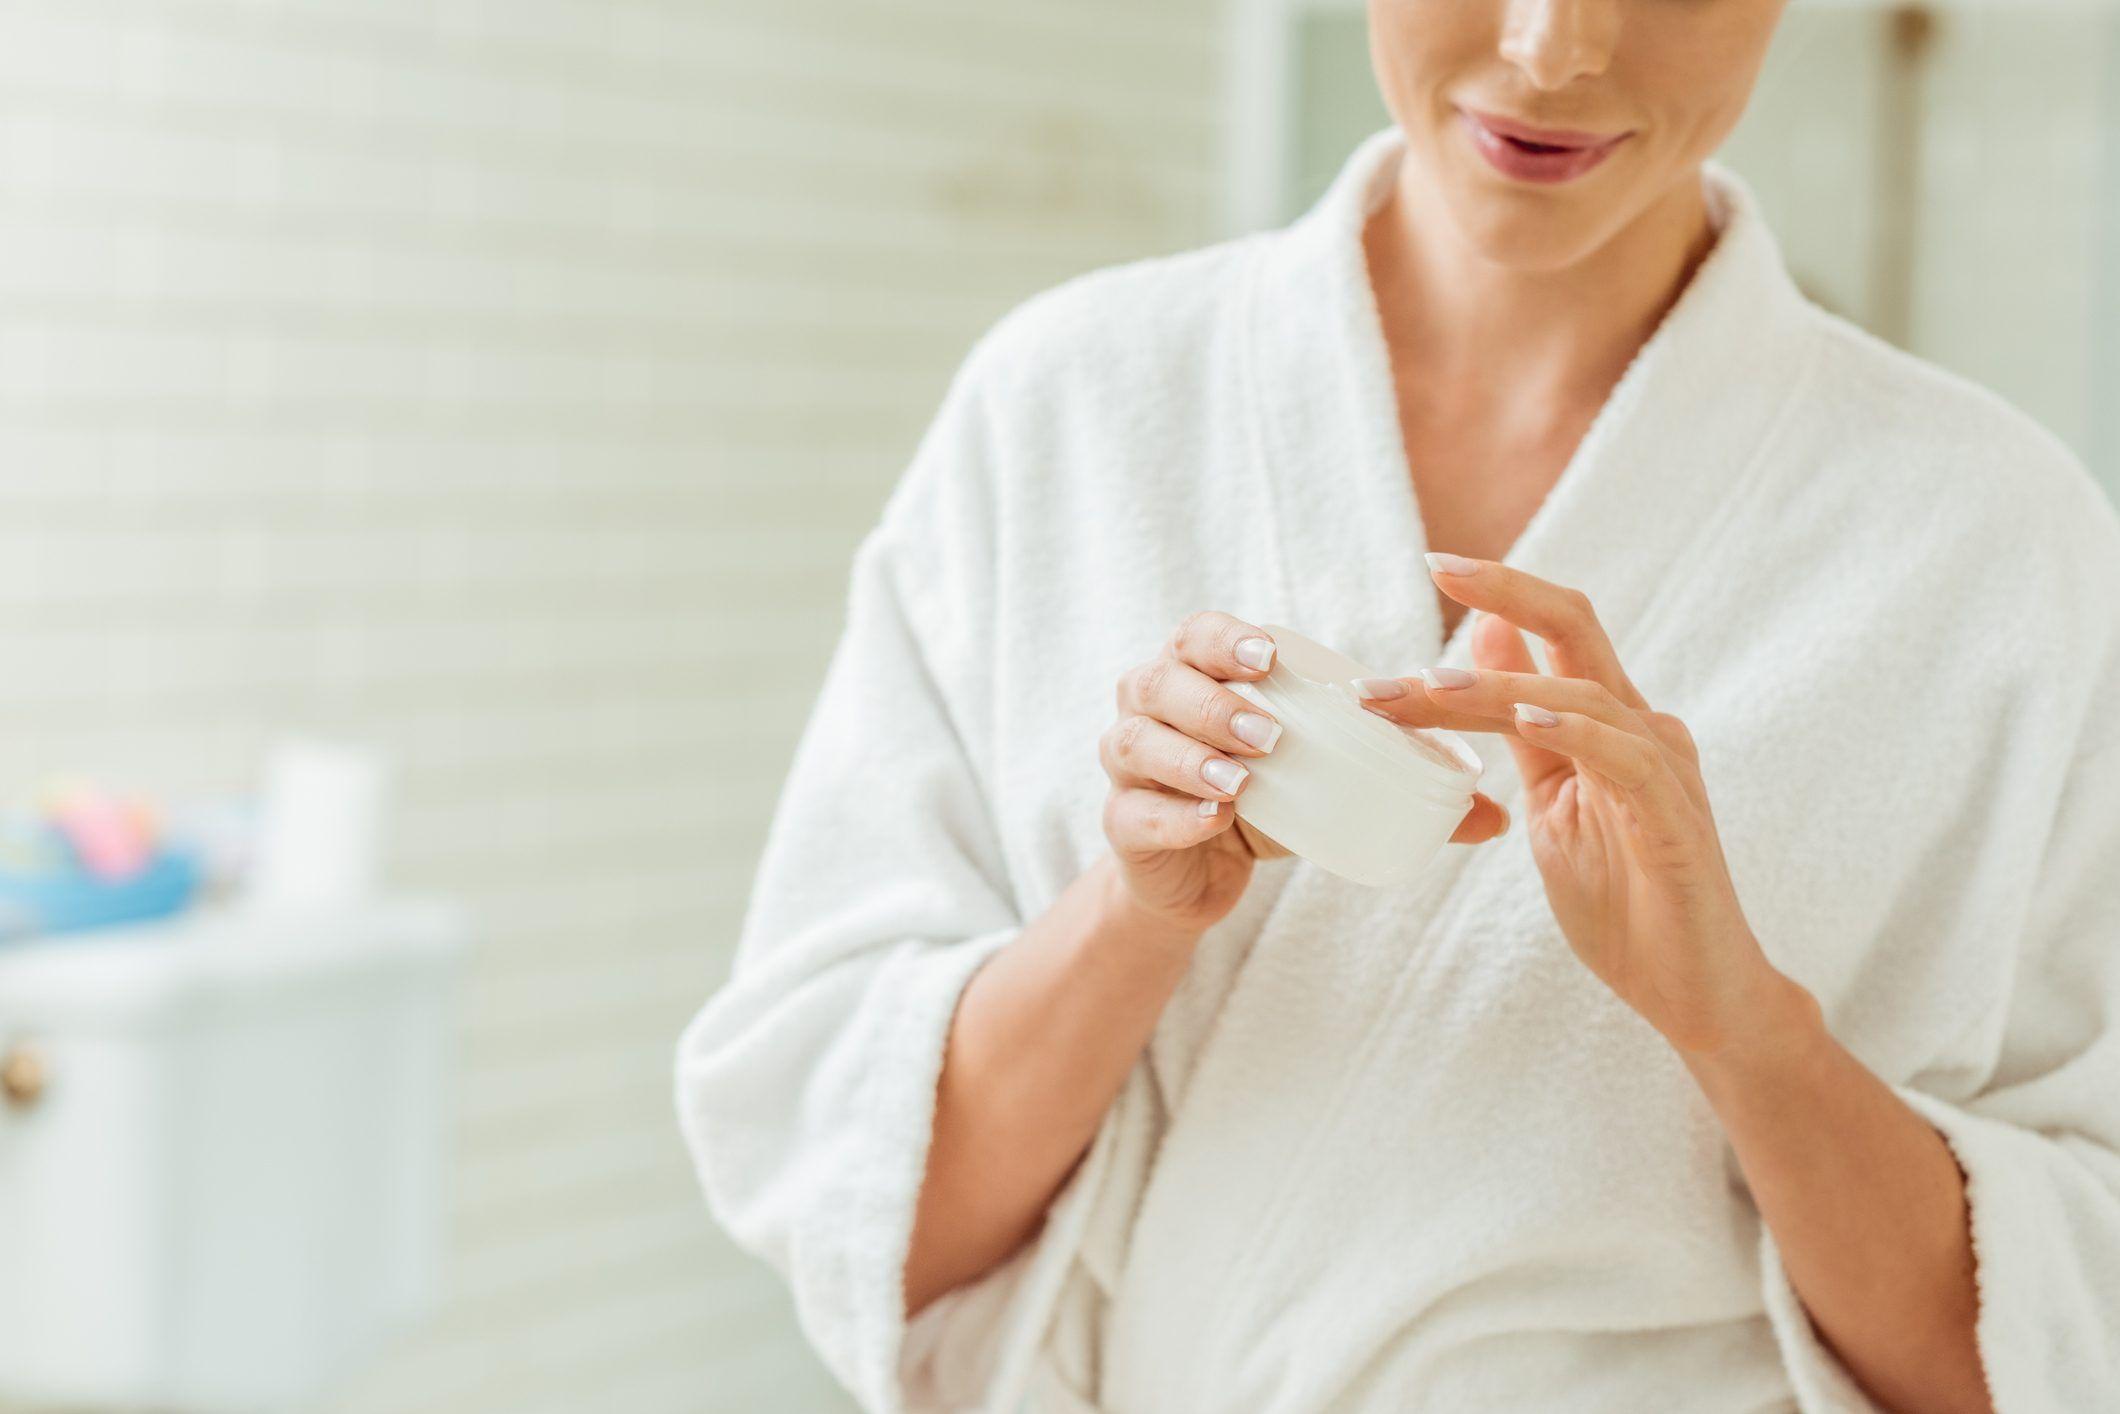 Crema antirughe fai da te: come prepararla a casa con solo..